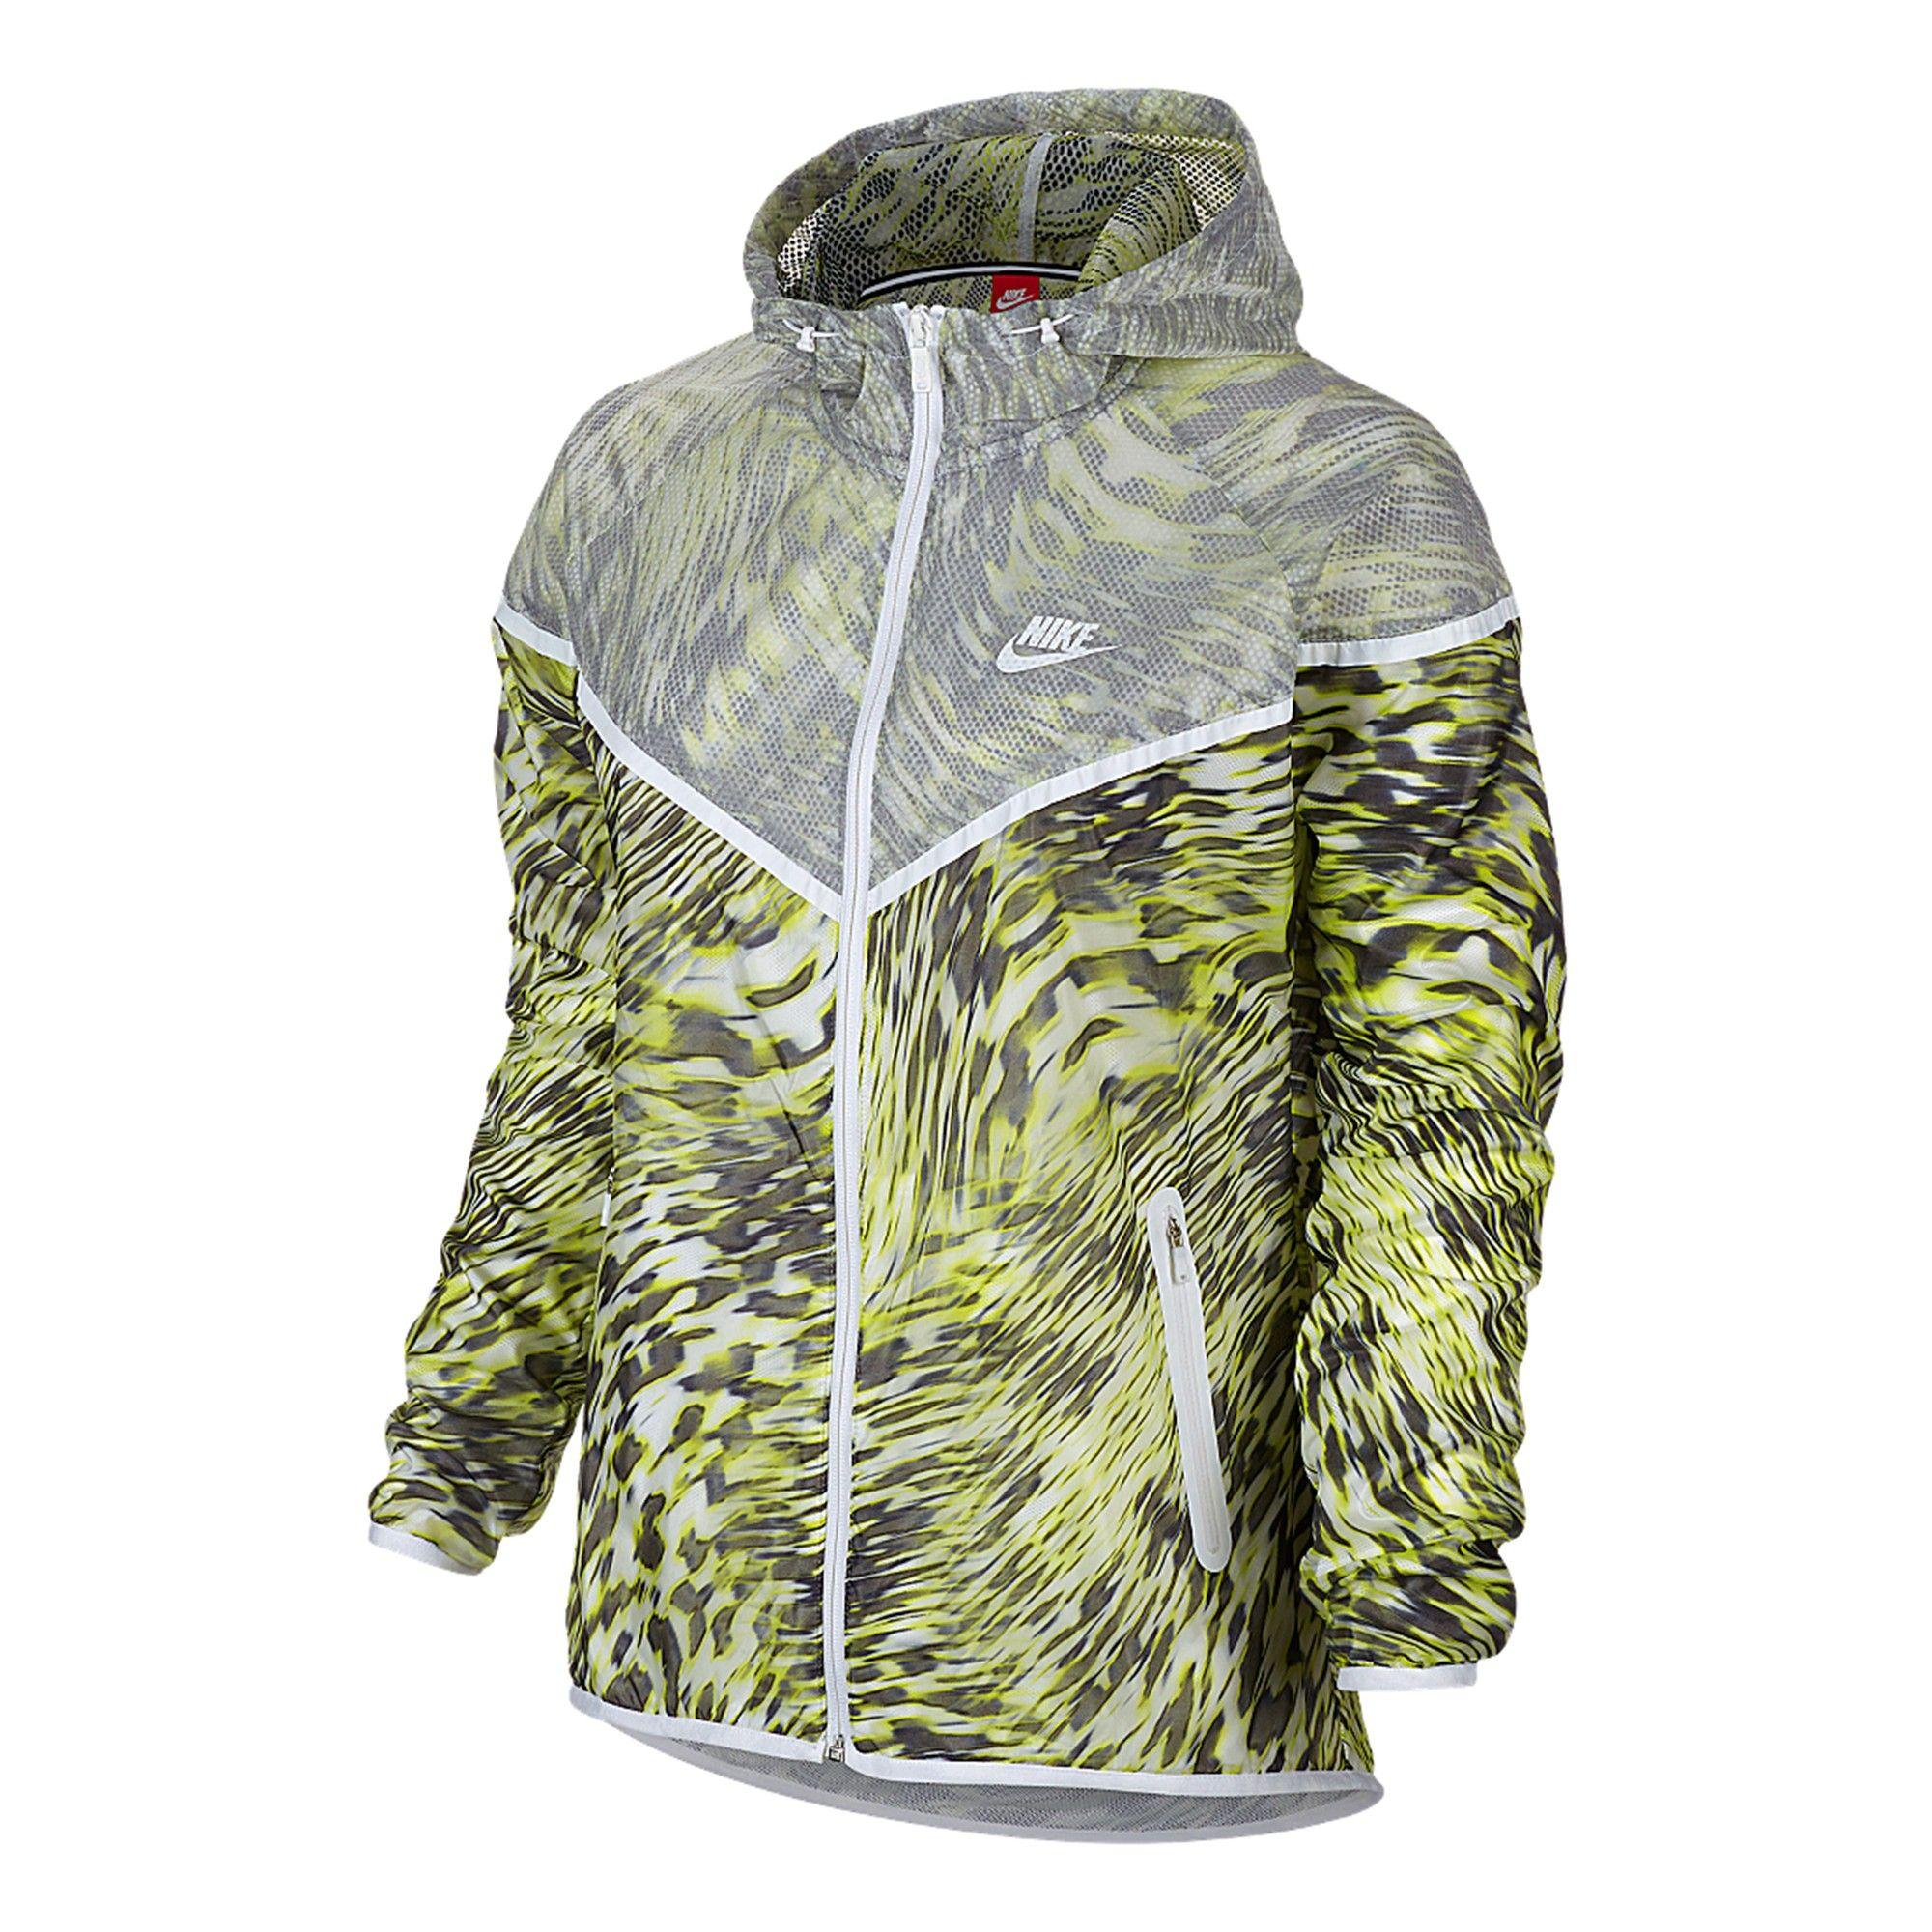 Veste Nike Tech Hyperfuse Windrunner 645017 702 Pegashoes